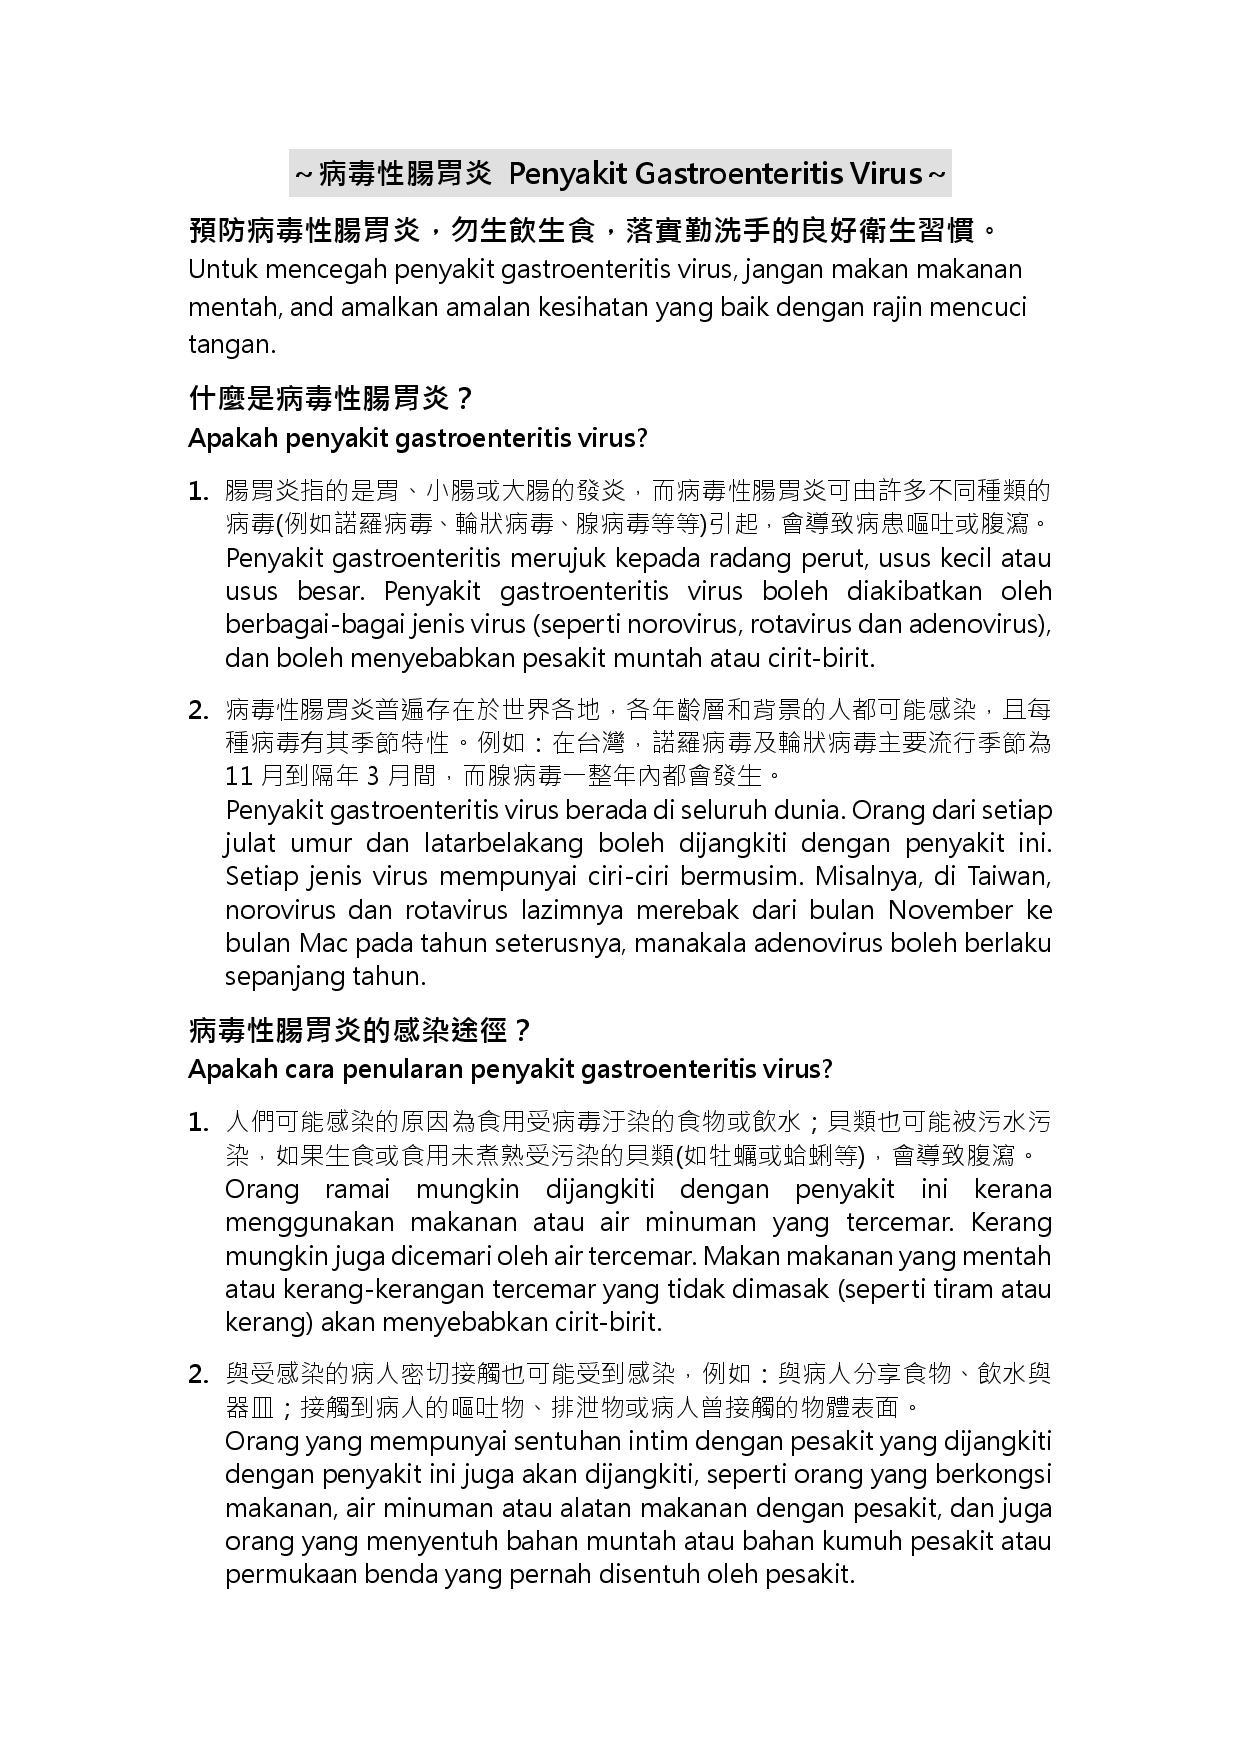 詳如附件【klik saya】Untuk mencegah penyakit gastroenteritis virus(Halaman 1)預防病毒性腸胃炎,勿生飲生食,落實勤洗手的良好衛生習慣(馬來文)